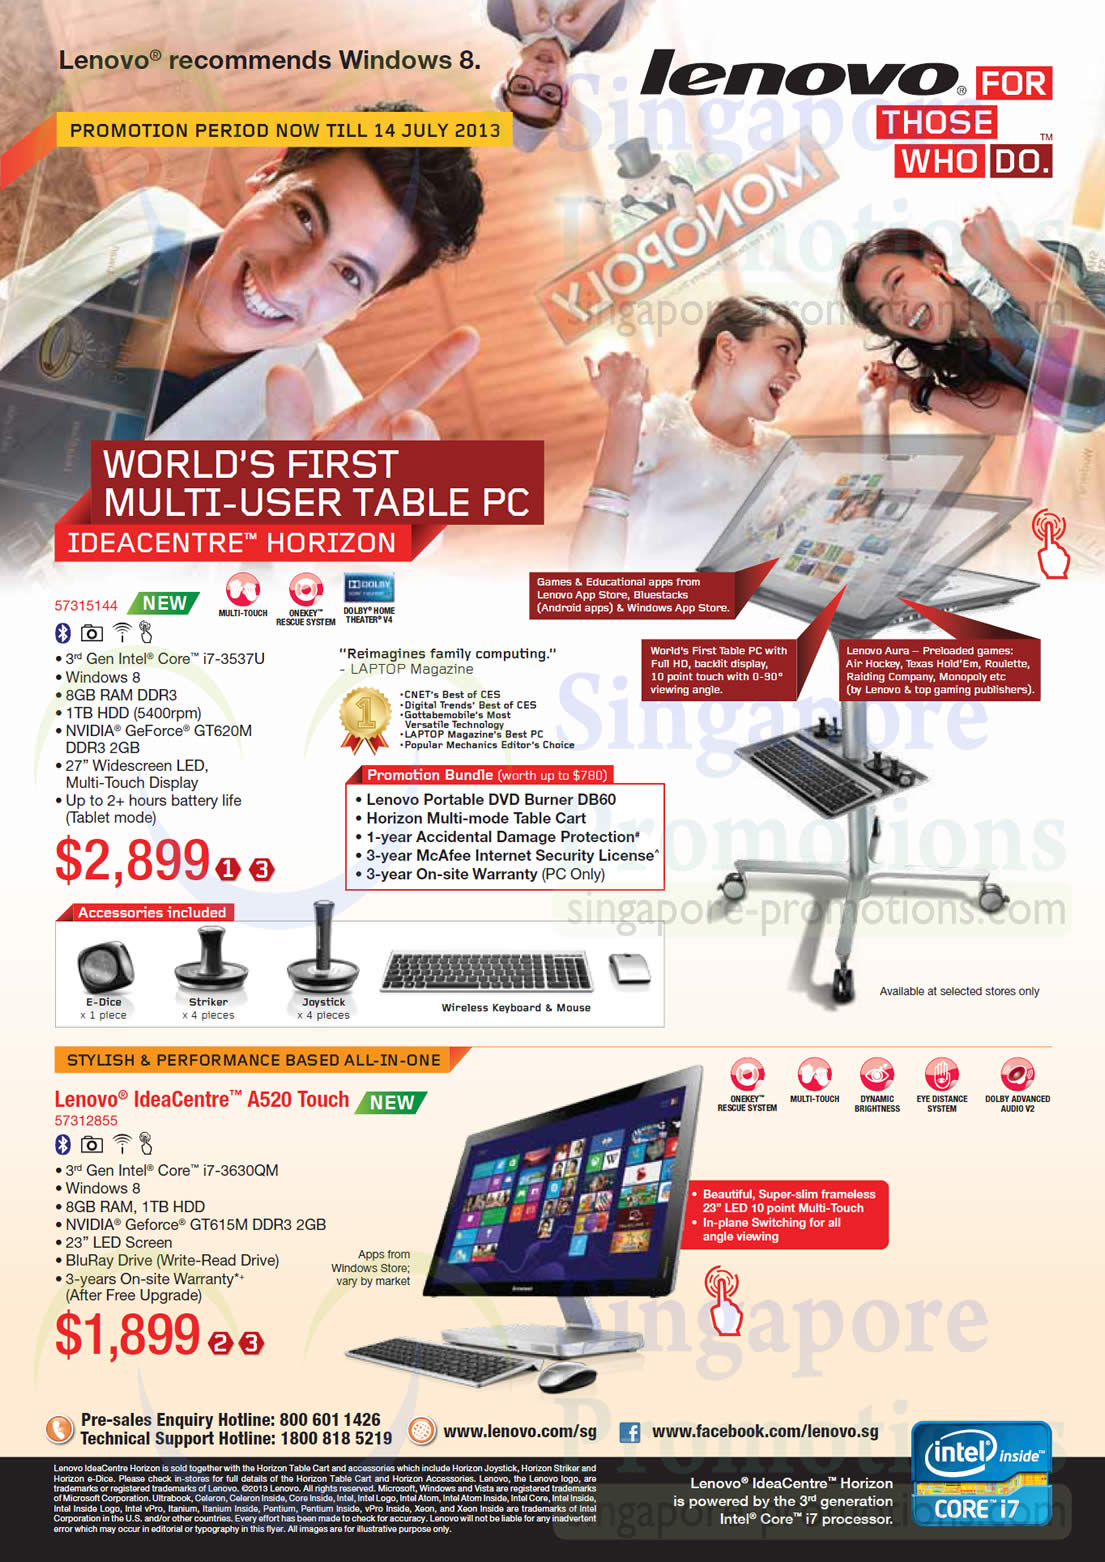 Lenovo IdeaCentre AIO Desktop PC A520 Touch 57312855